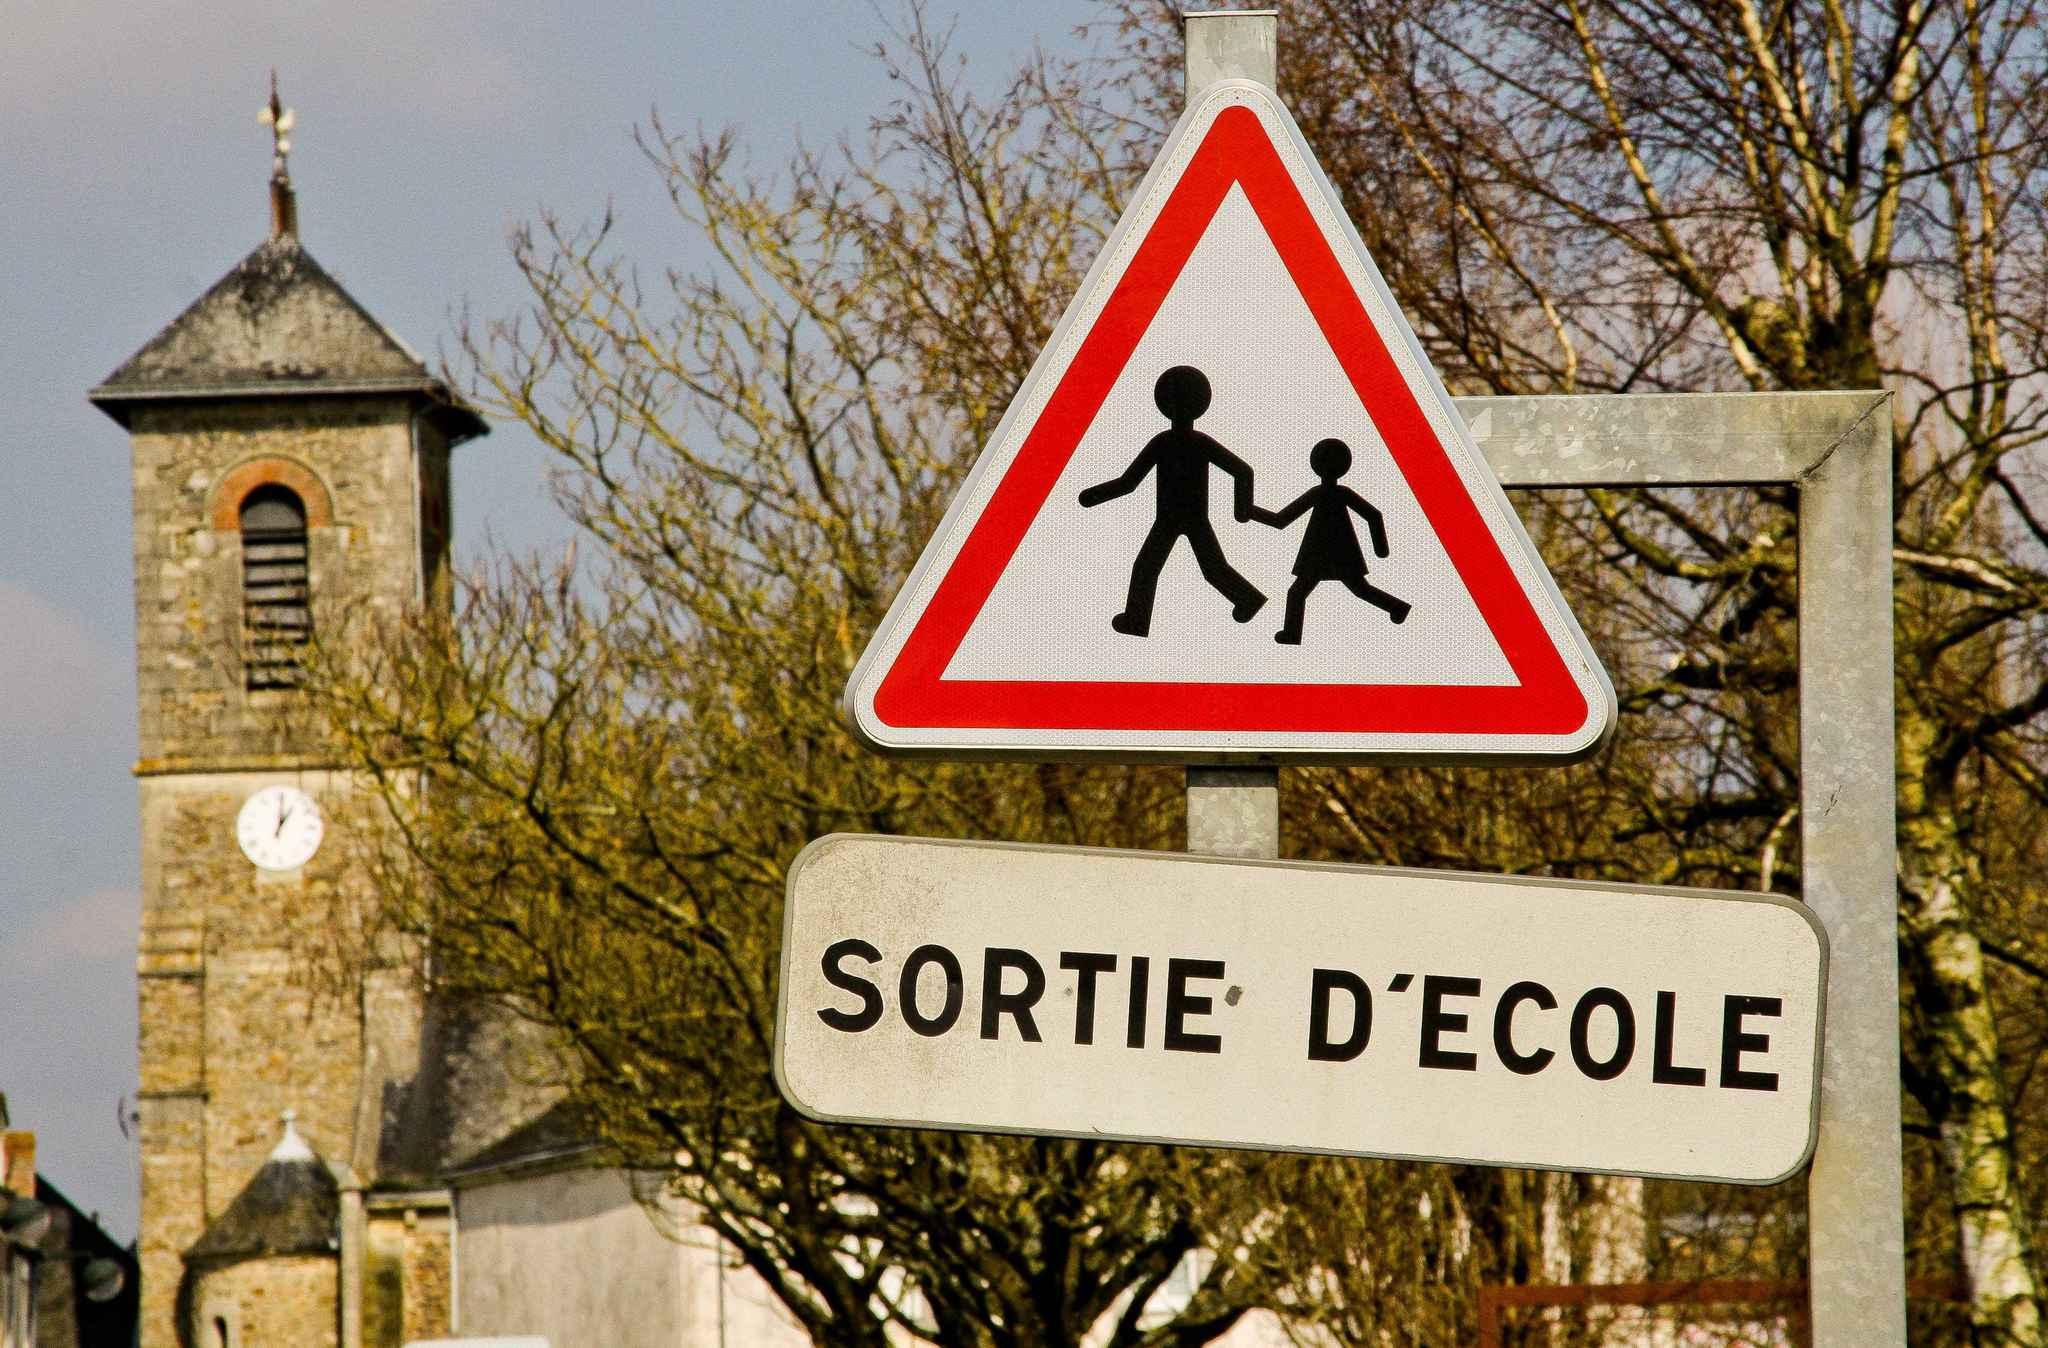 Normandie : une fillette oubliée pendant 8 heures dans un car scolaire